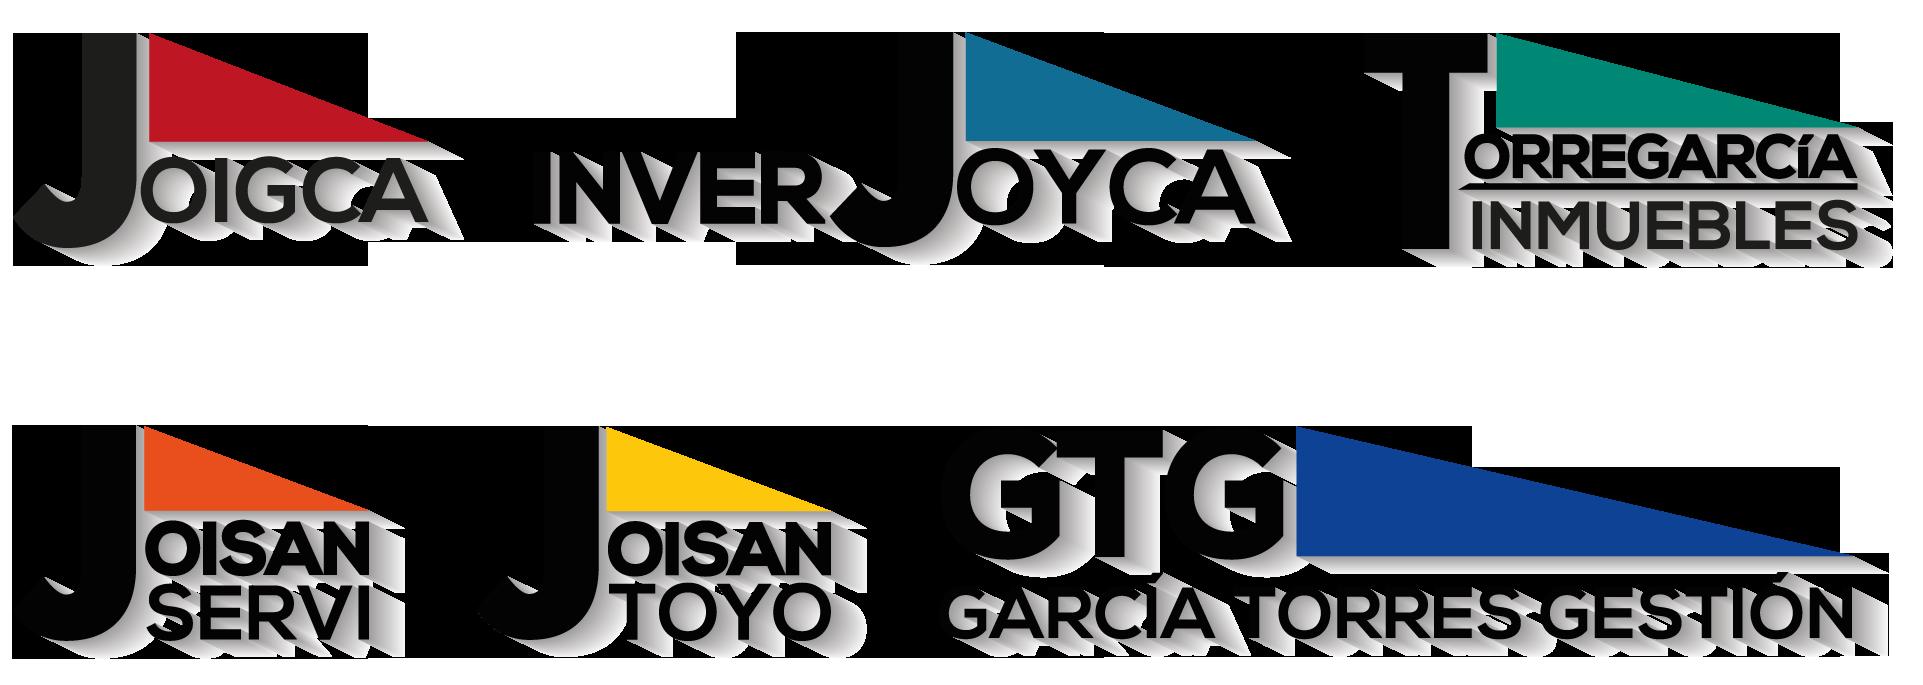 Slider 07 logos empresas tu piso en almer a joigca for Empresa logos